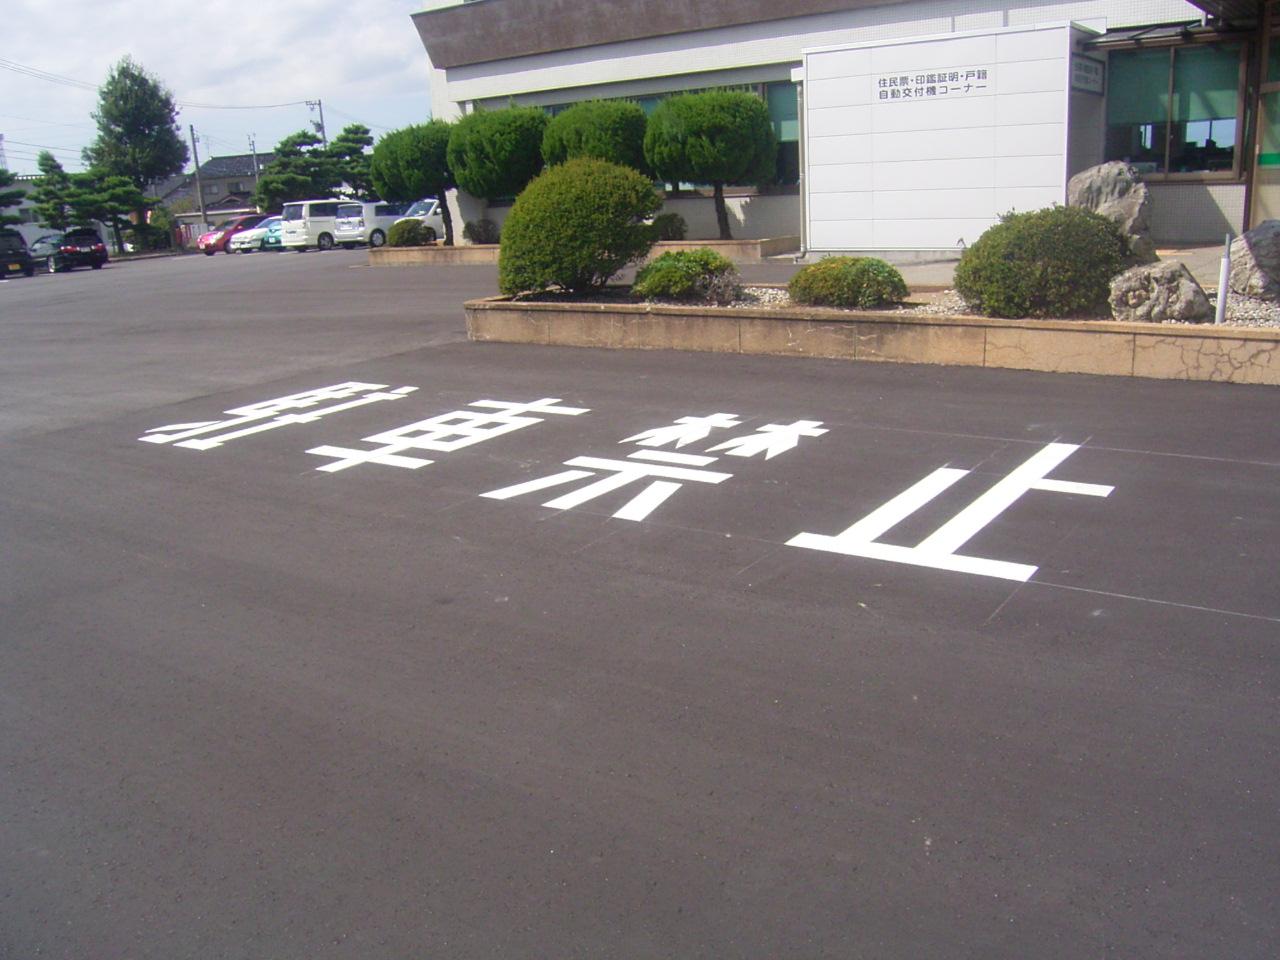 駐車場・白線ライン引き施工事例6